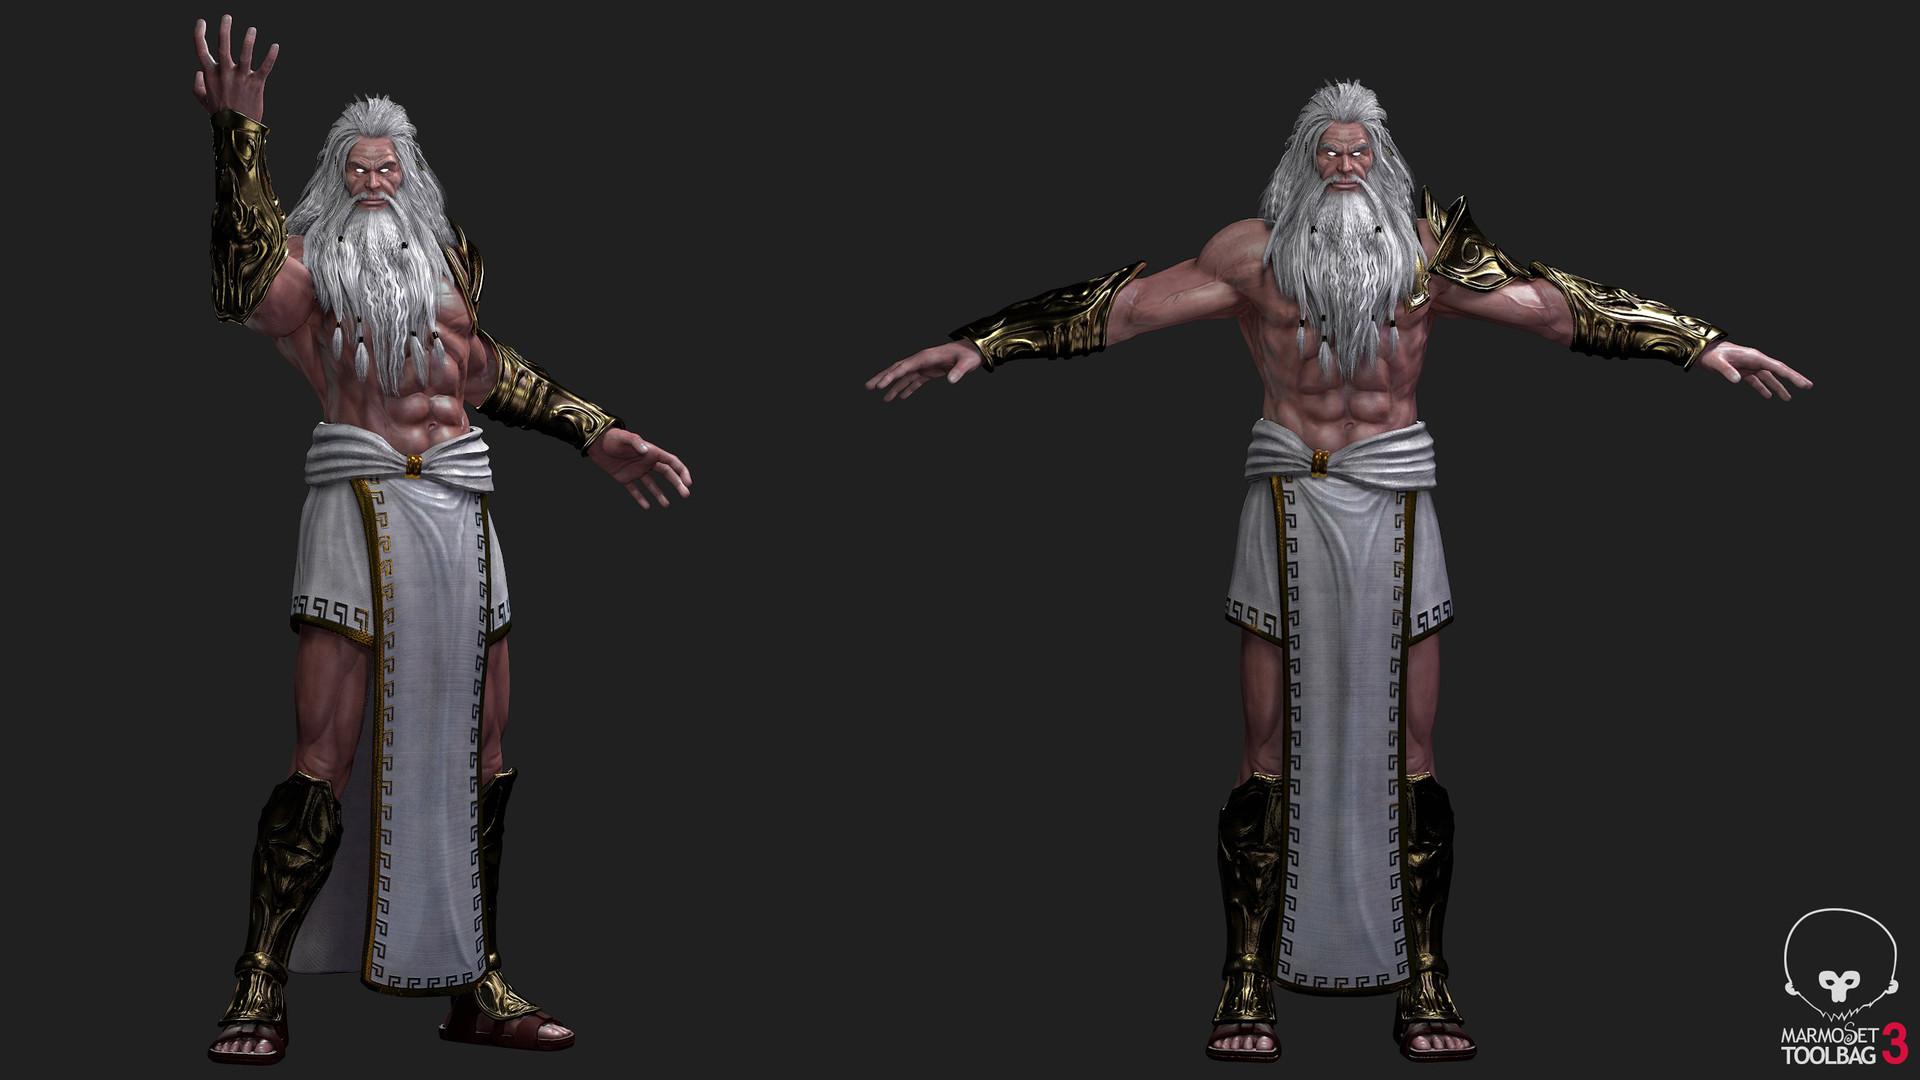 Claudio Corregedor God Of War 3 Zeus Version 2 Low Ploy Fan Art